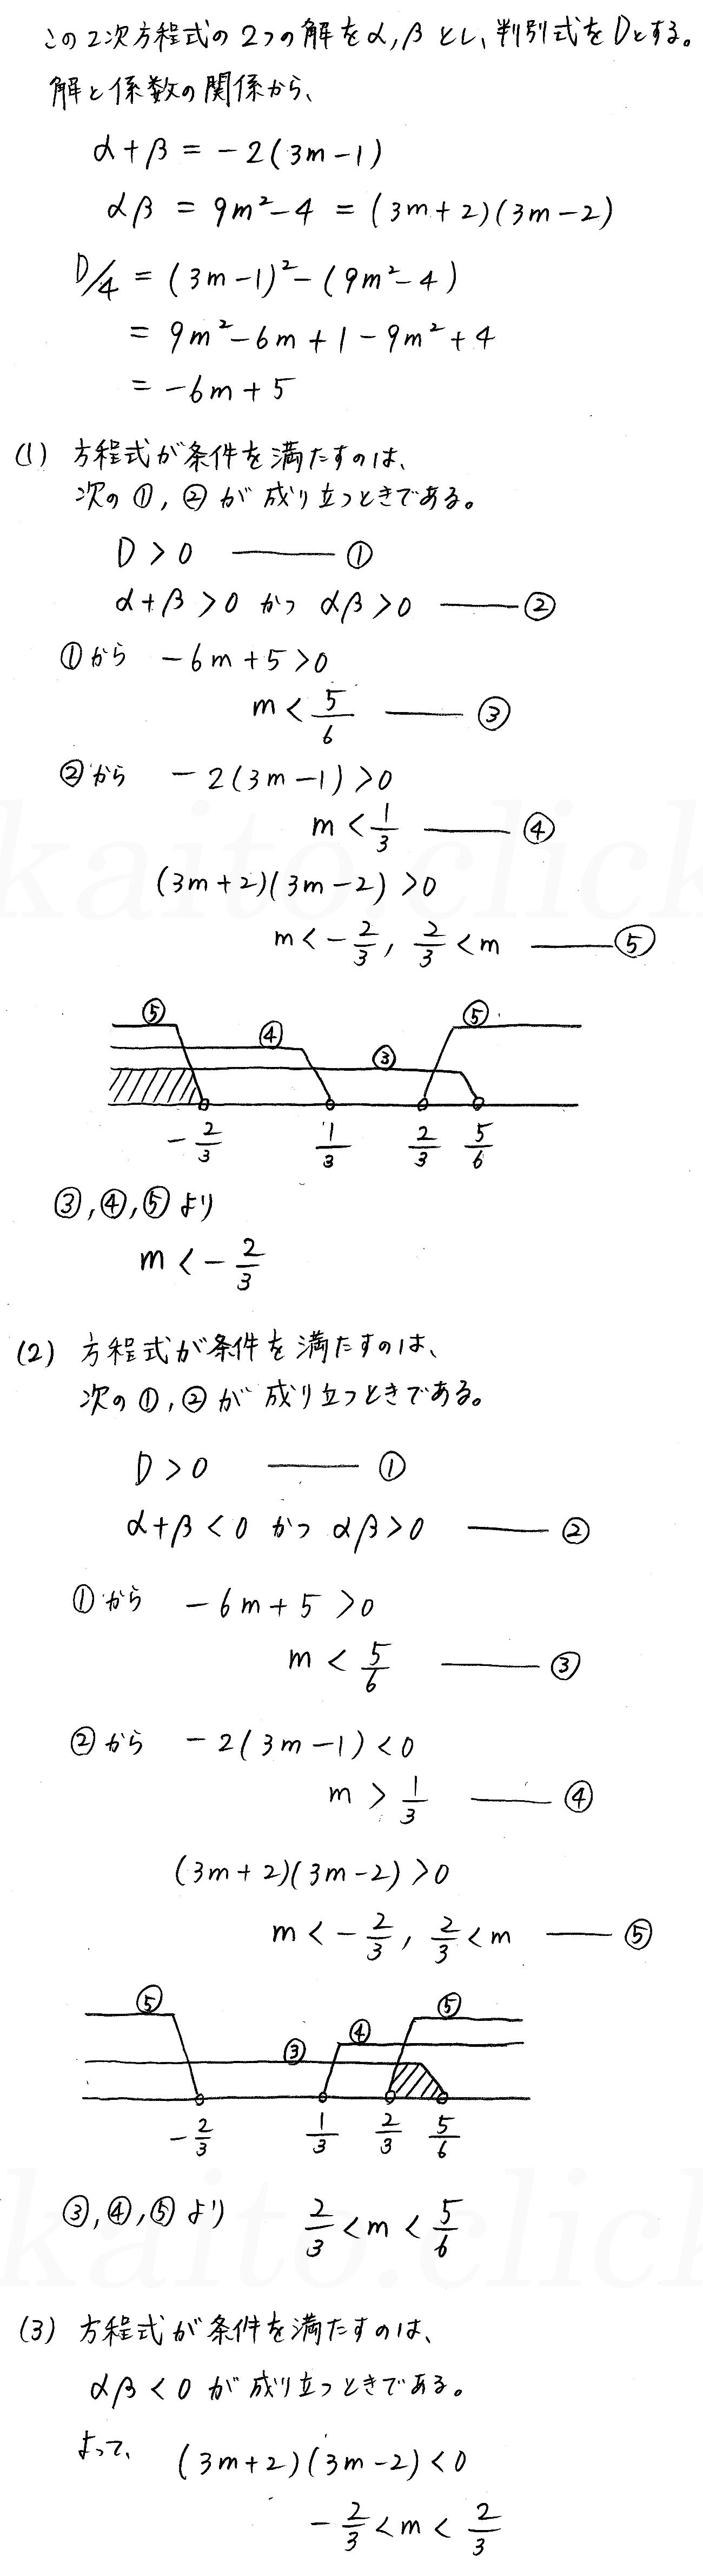 クリアー数学2-115解答